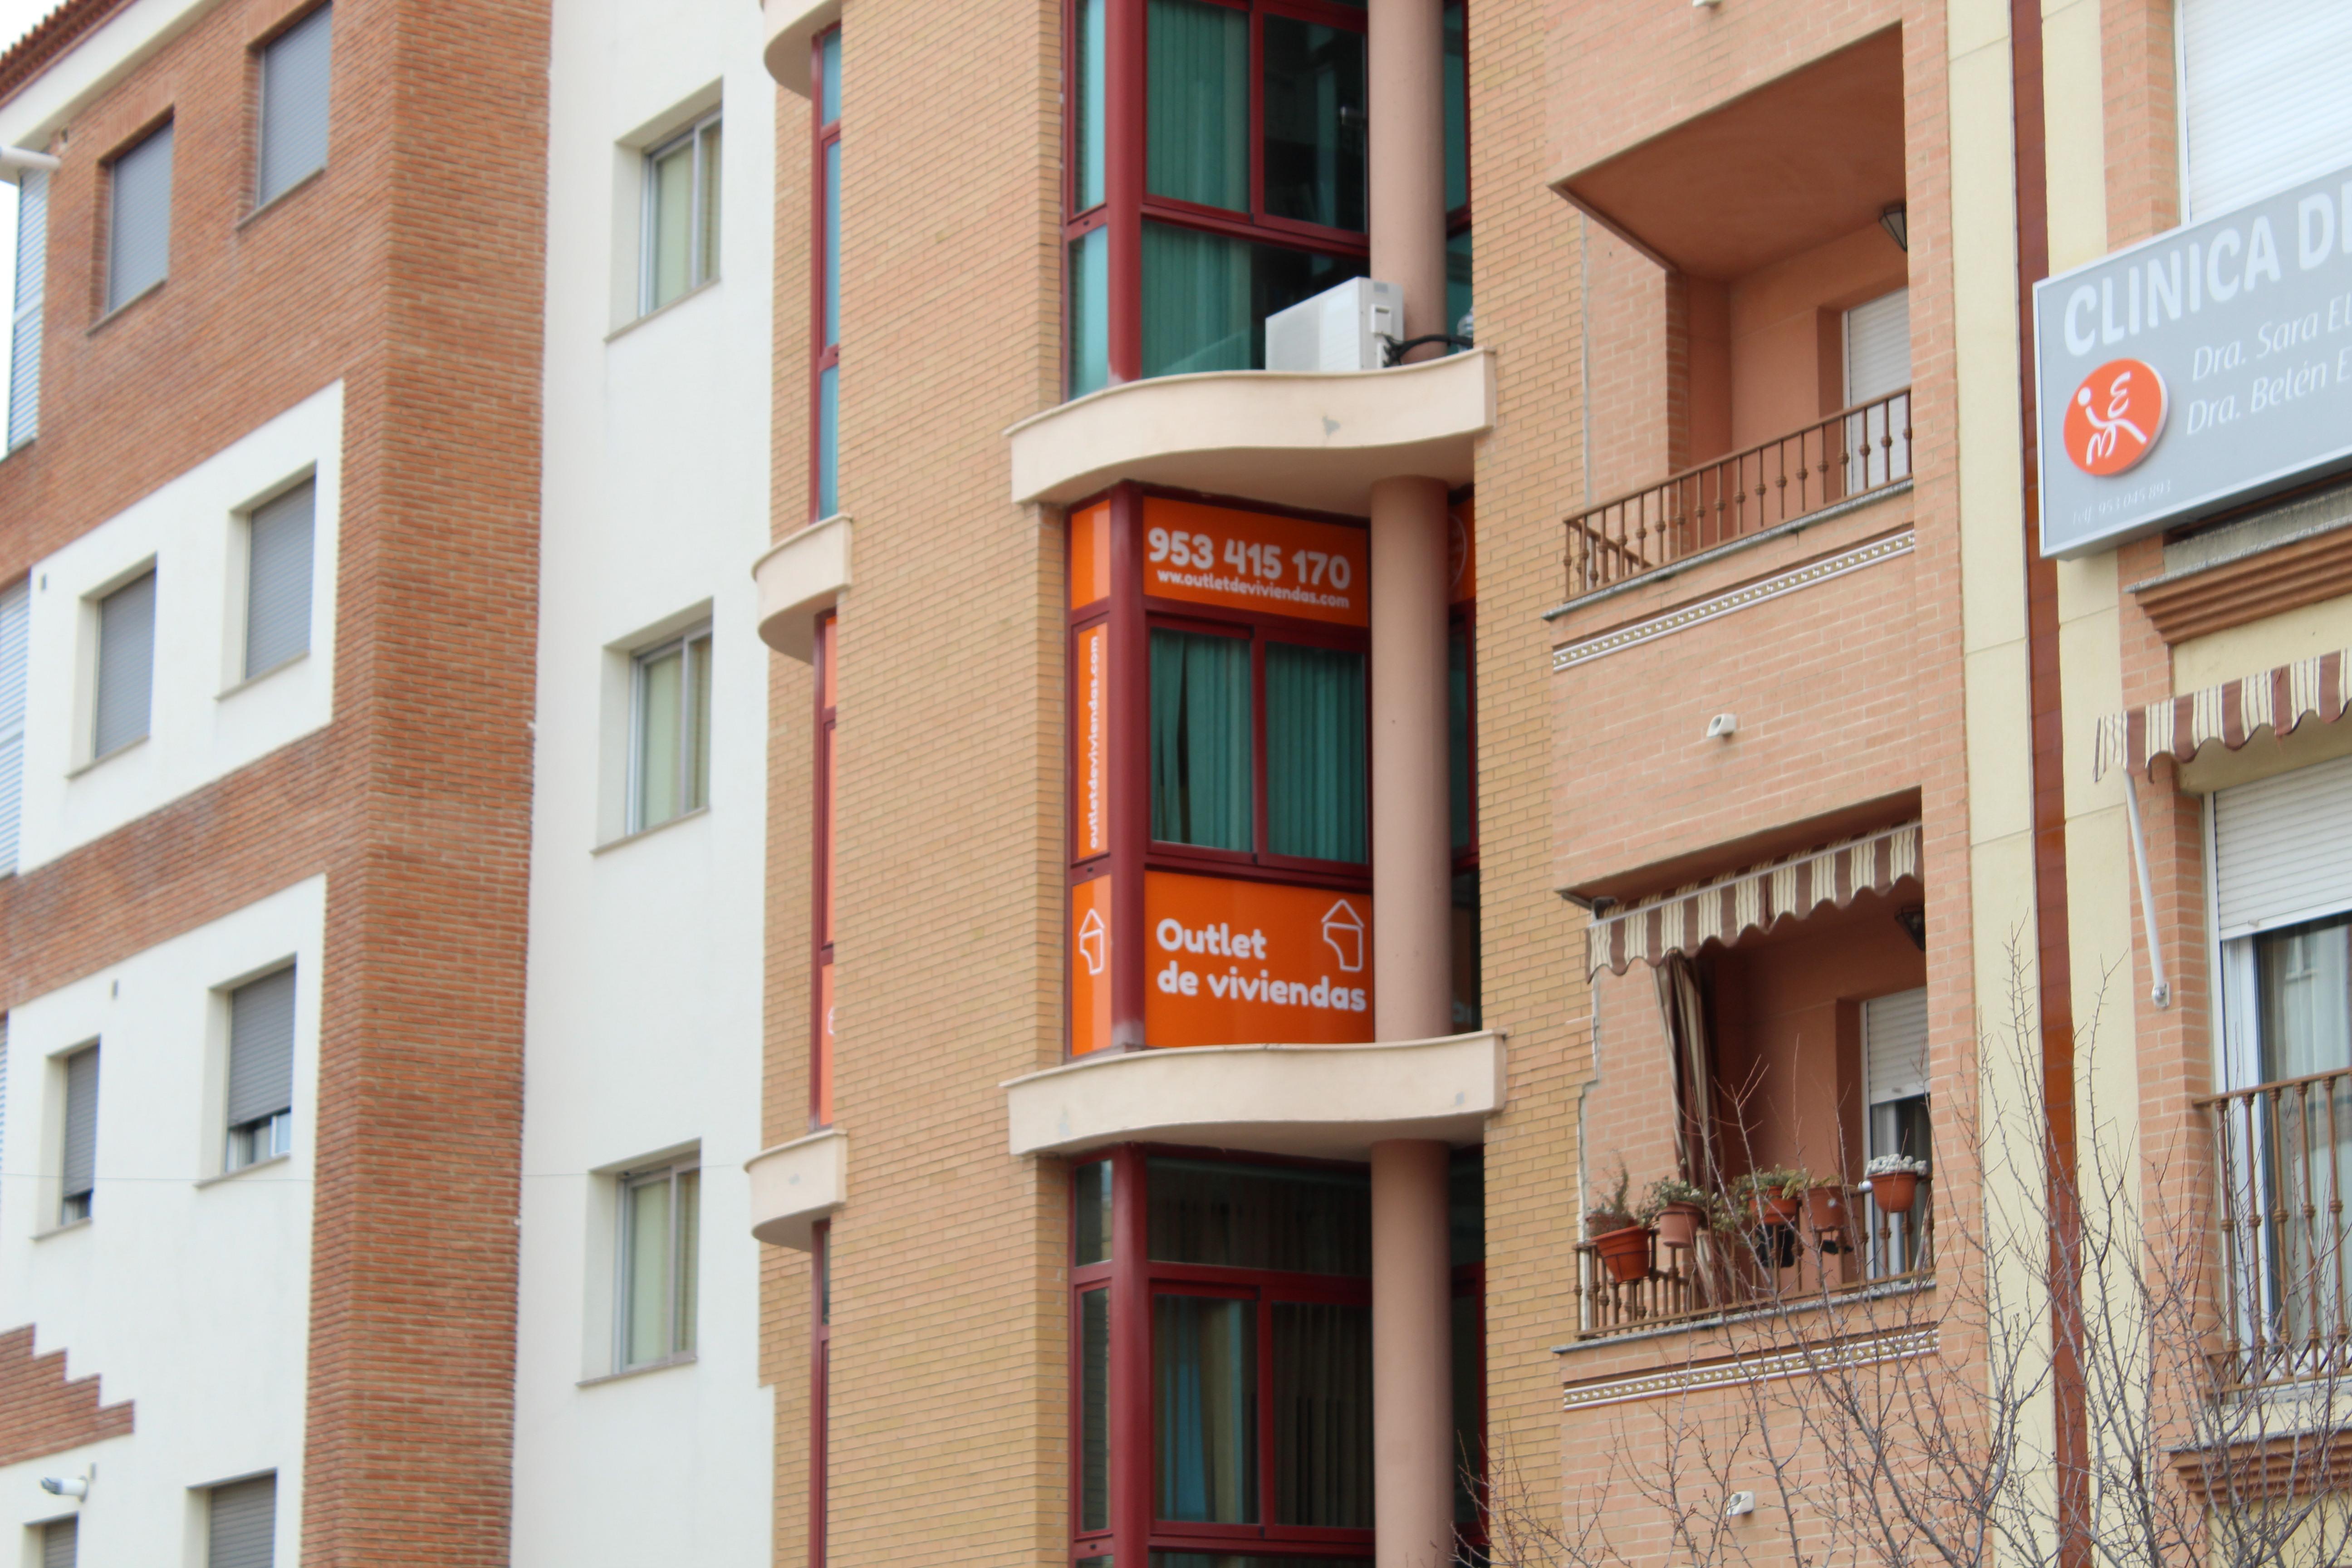 Outlet De Viviendas Una Inmobiliaria Que Facilita Los Pisos Más Baratos Hora Jaén